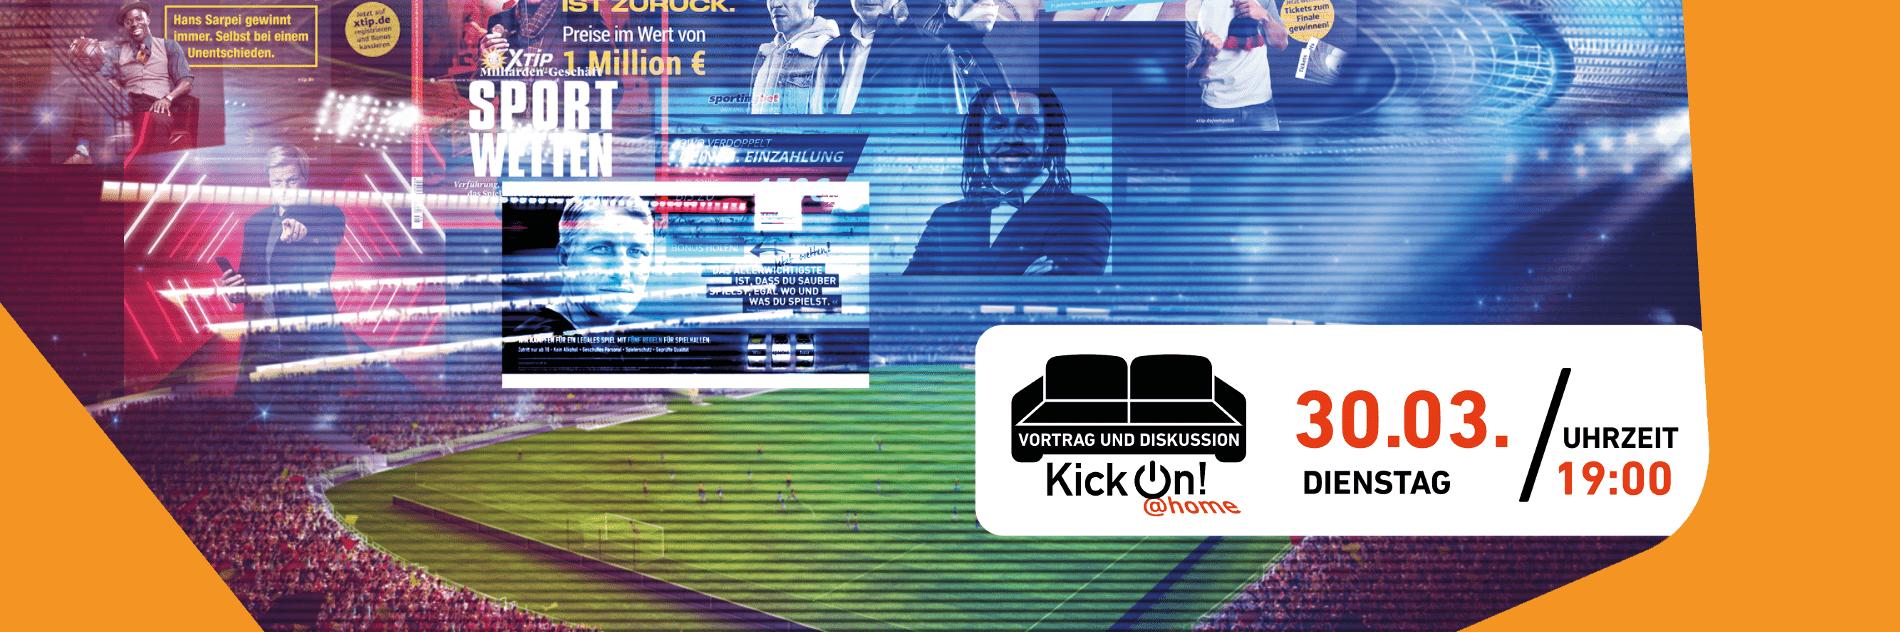 Collage mit Sportwetten-Werbung. Im Hintergrund ein Fußballspiel in einem gefüllten Stadion.